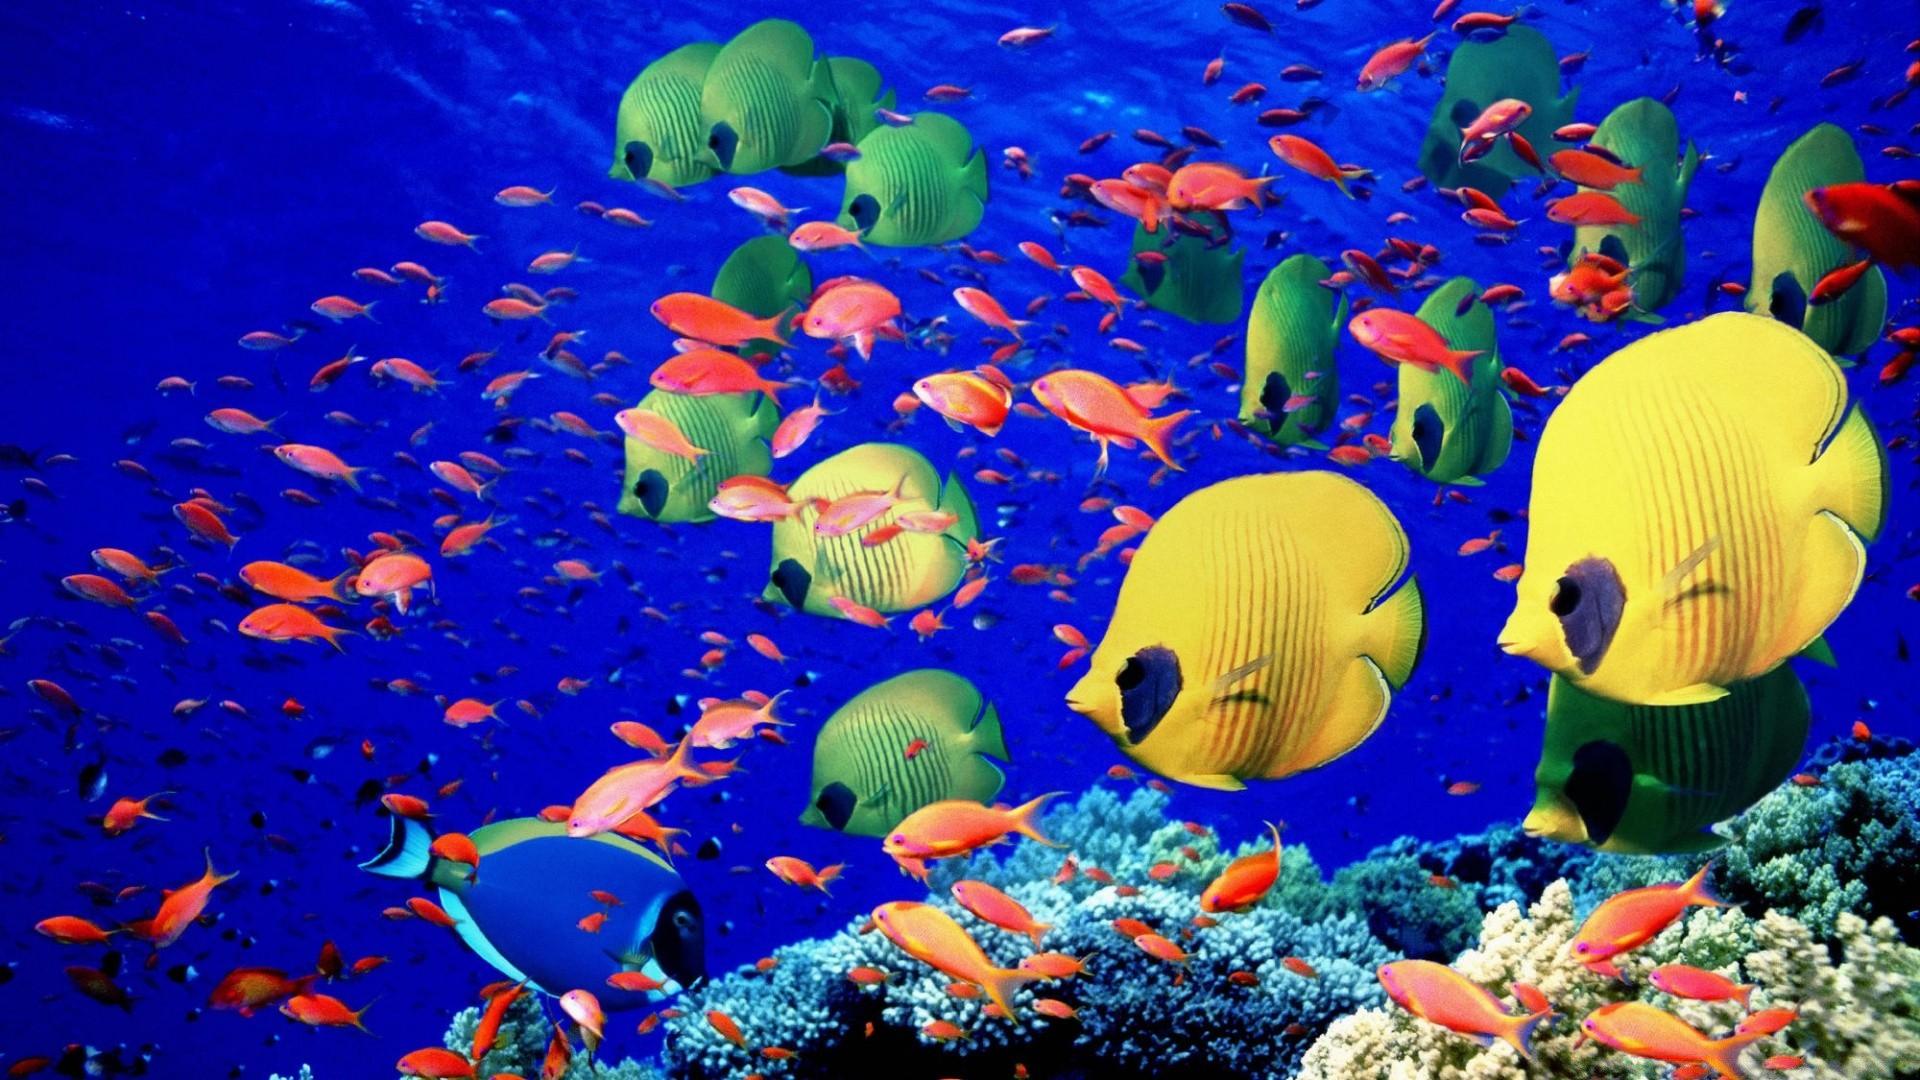 несколько раз картинки море с рыбами них должна присутствовать